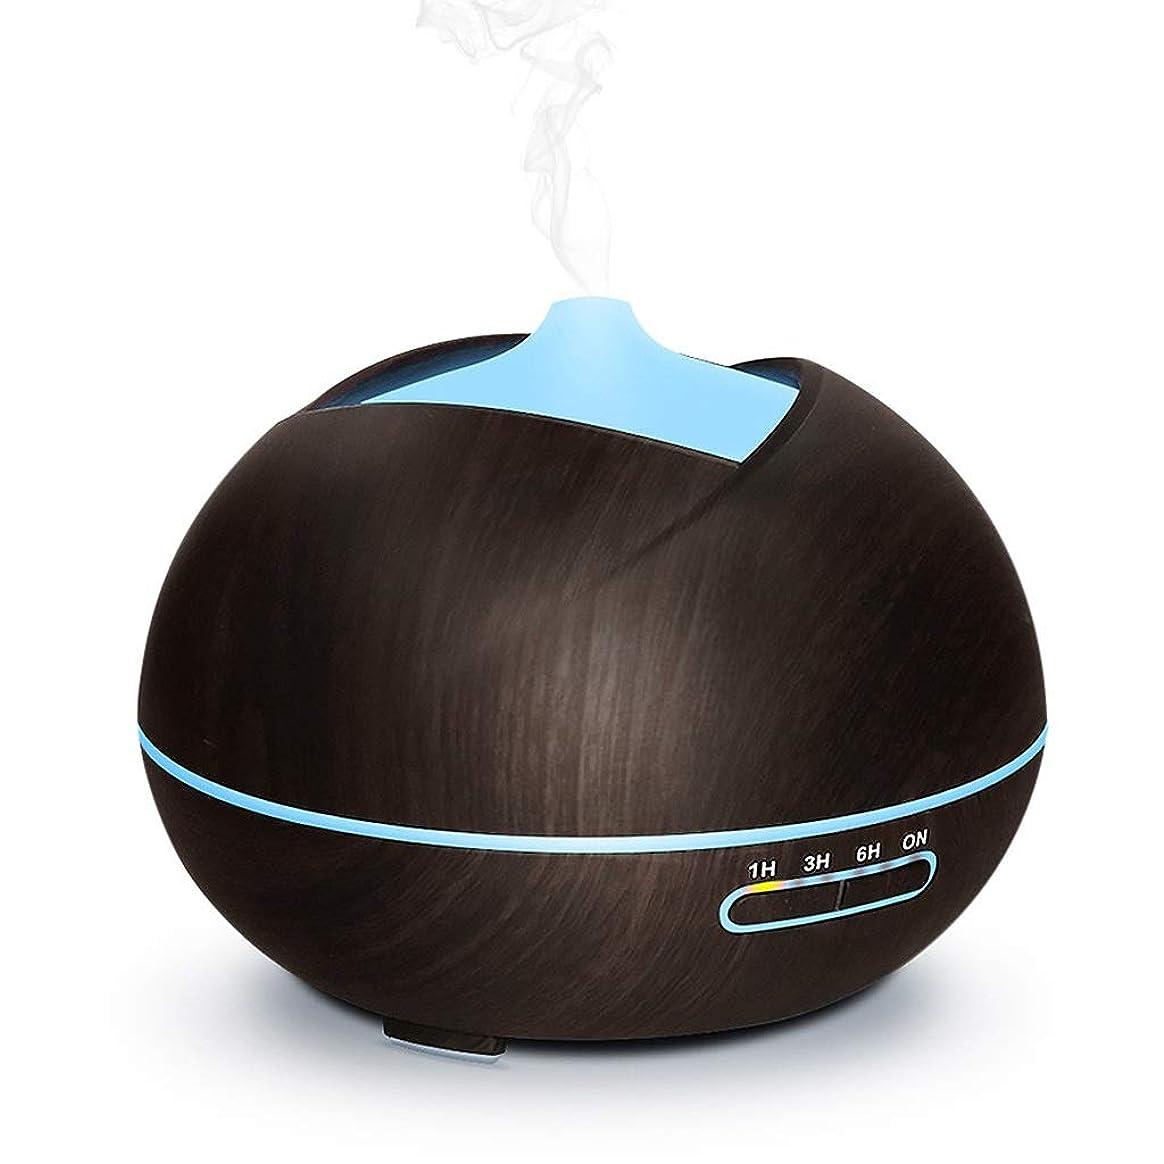 どれロマンチック巨人1ではアロマディフューザー加湿器ナイトライト3、7色LEDライト、ベッドルームオフィスの4タイマ水なしオートオフで超音波クールミスト加湿器 (Color : ブラウン)